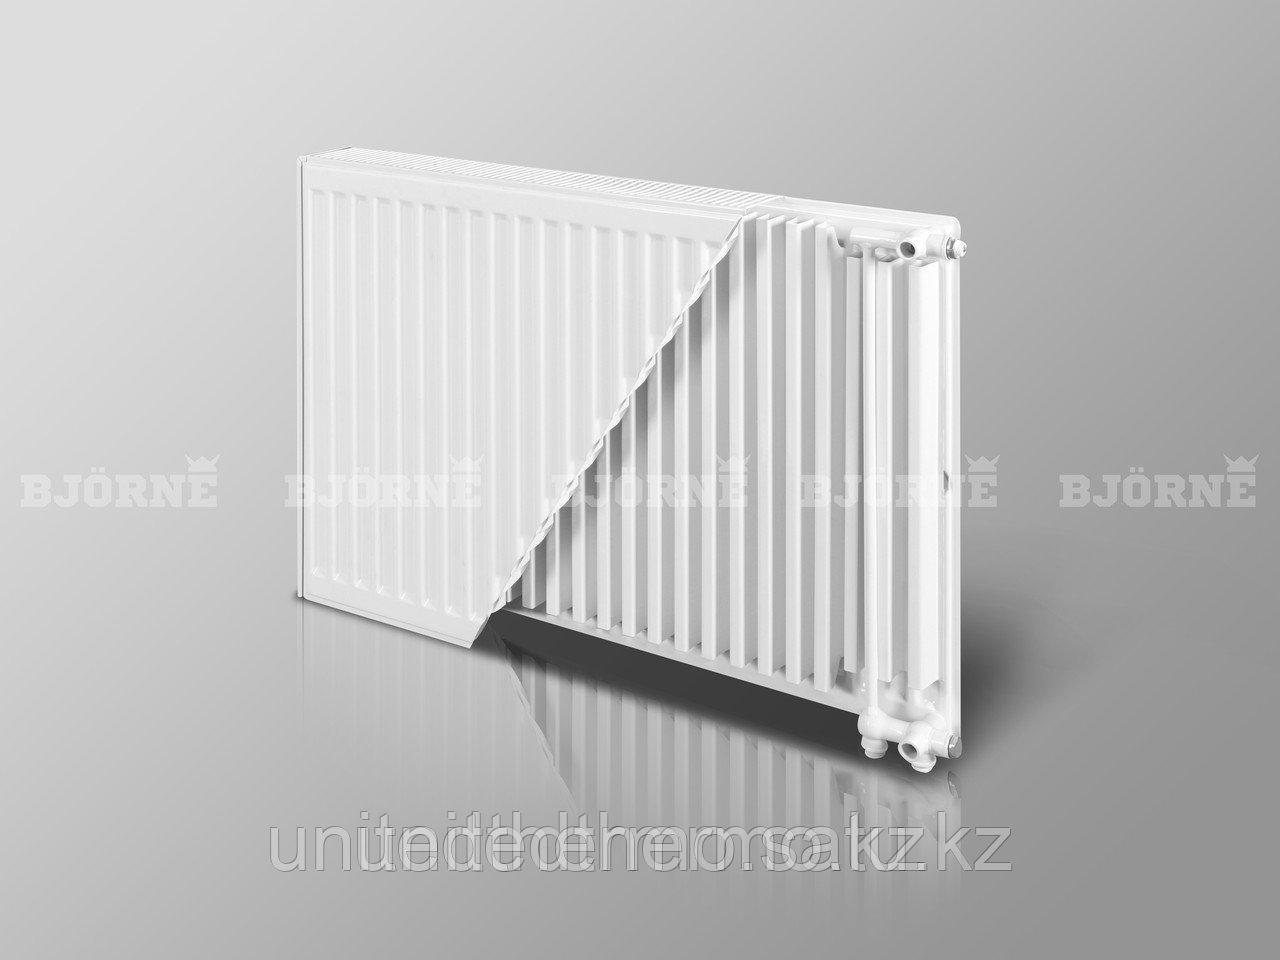 Стальной панельный радиатор Bjorne тип 21VK H900мм*L400мм до L3000мм нижнее подключение